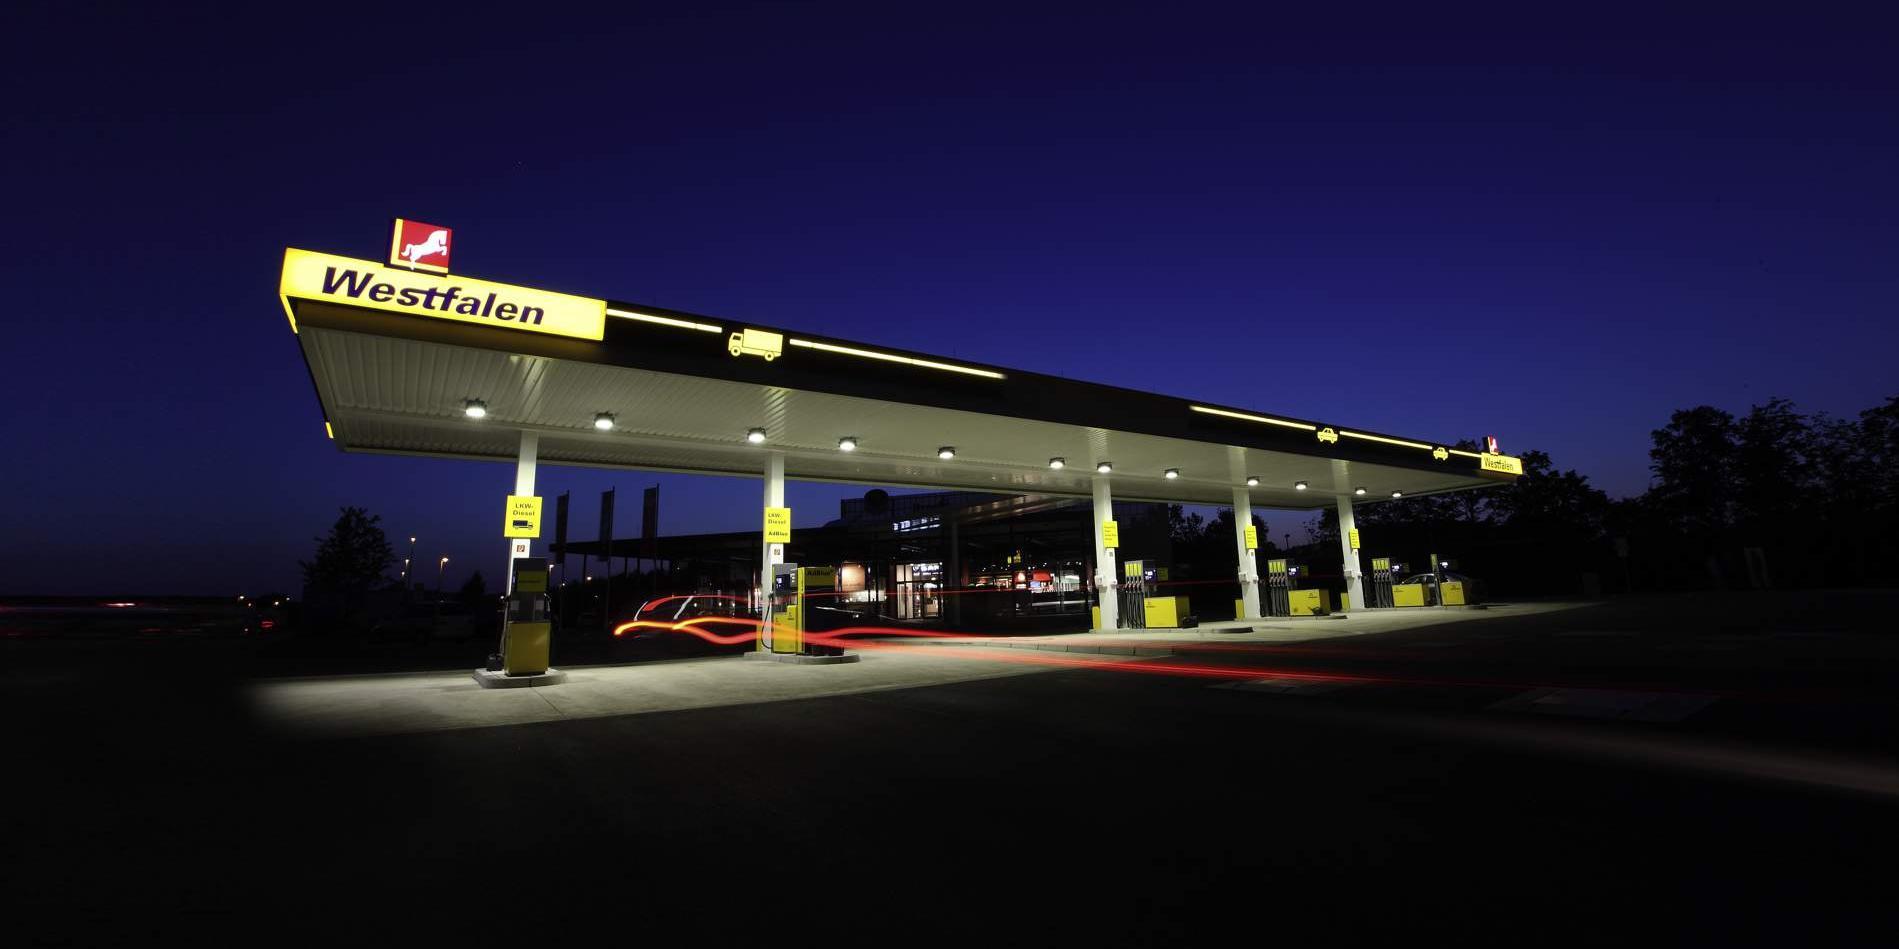 Billigste Tankstelle In Der Nähe